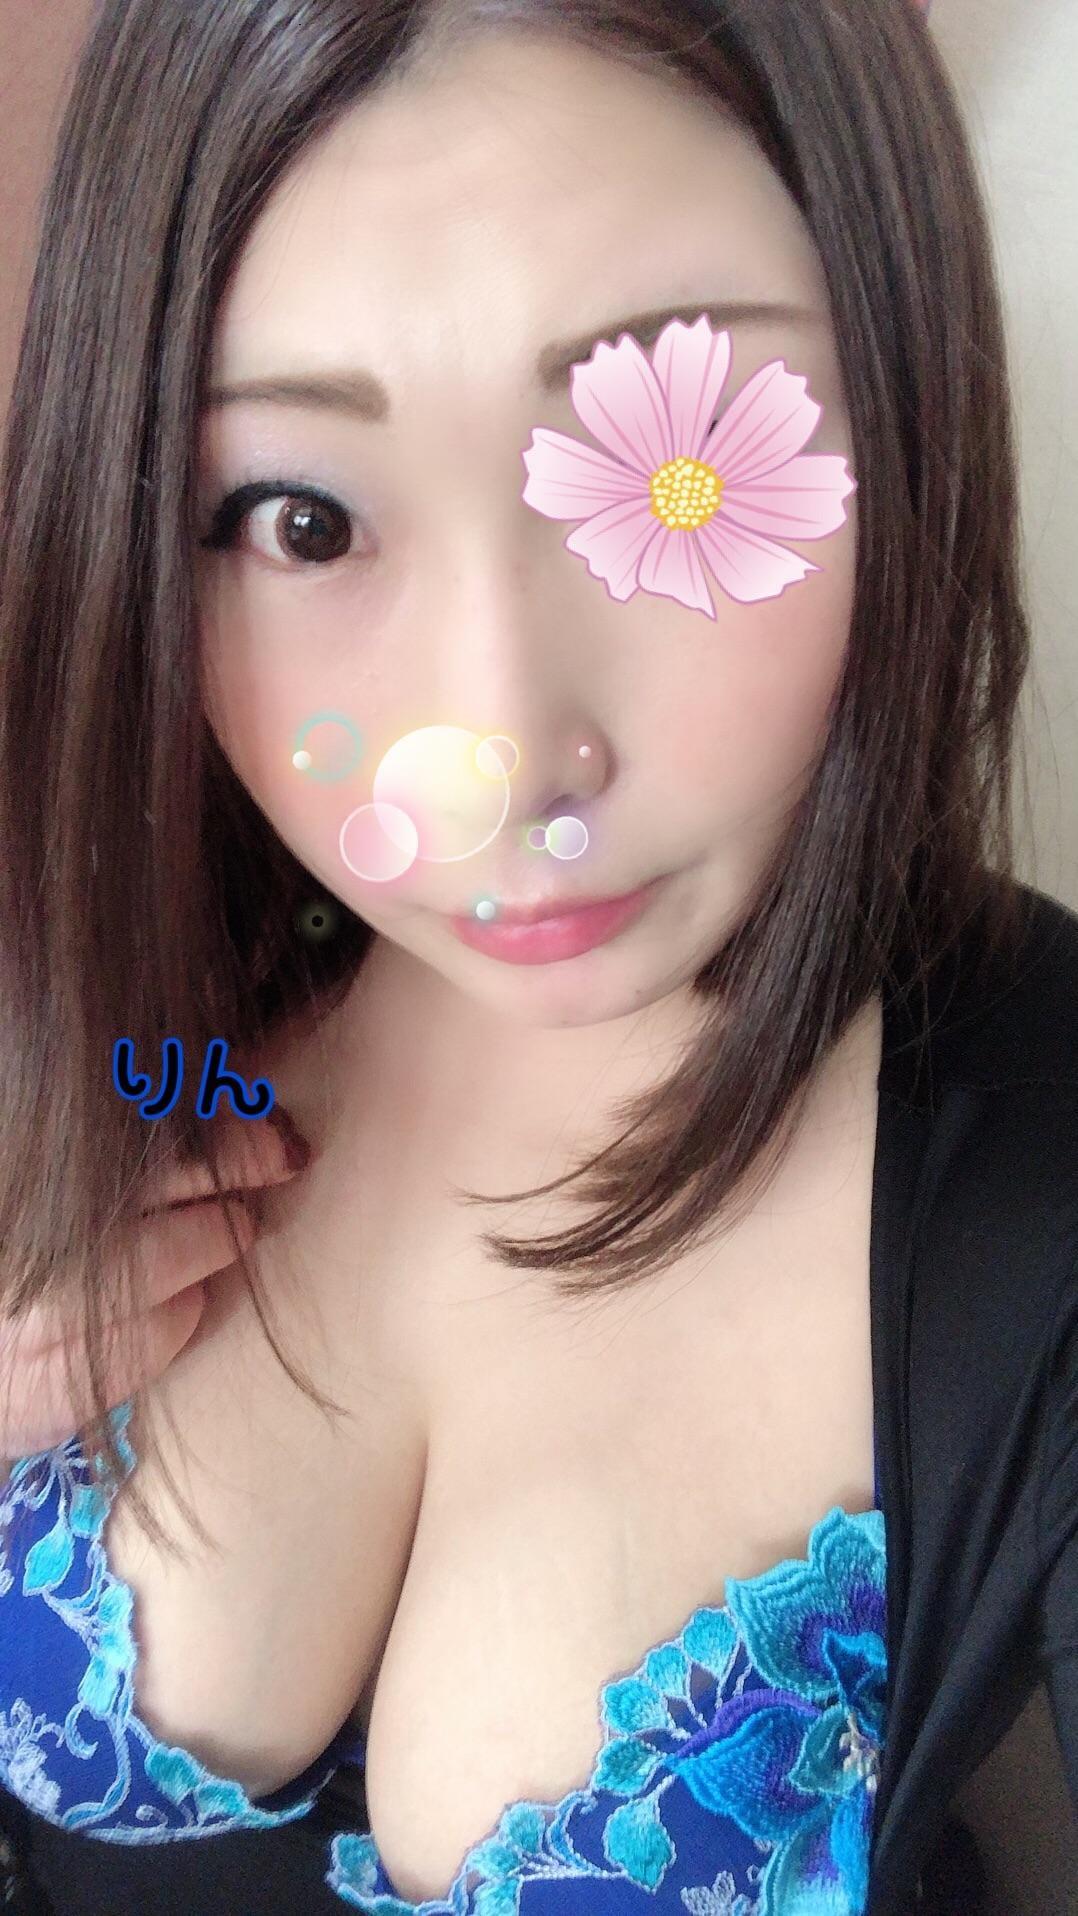 「10時〜出勤します☆」02/11(月) 09:11 | りんの写メ・風俗動画